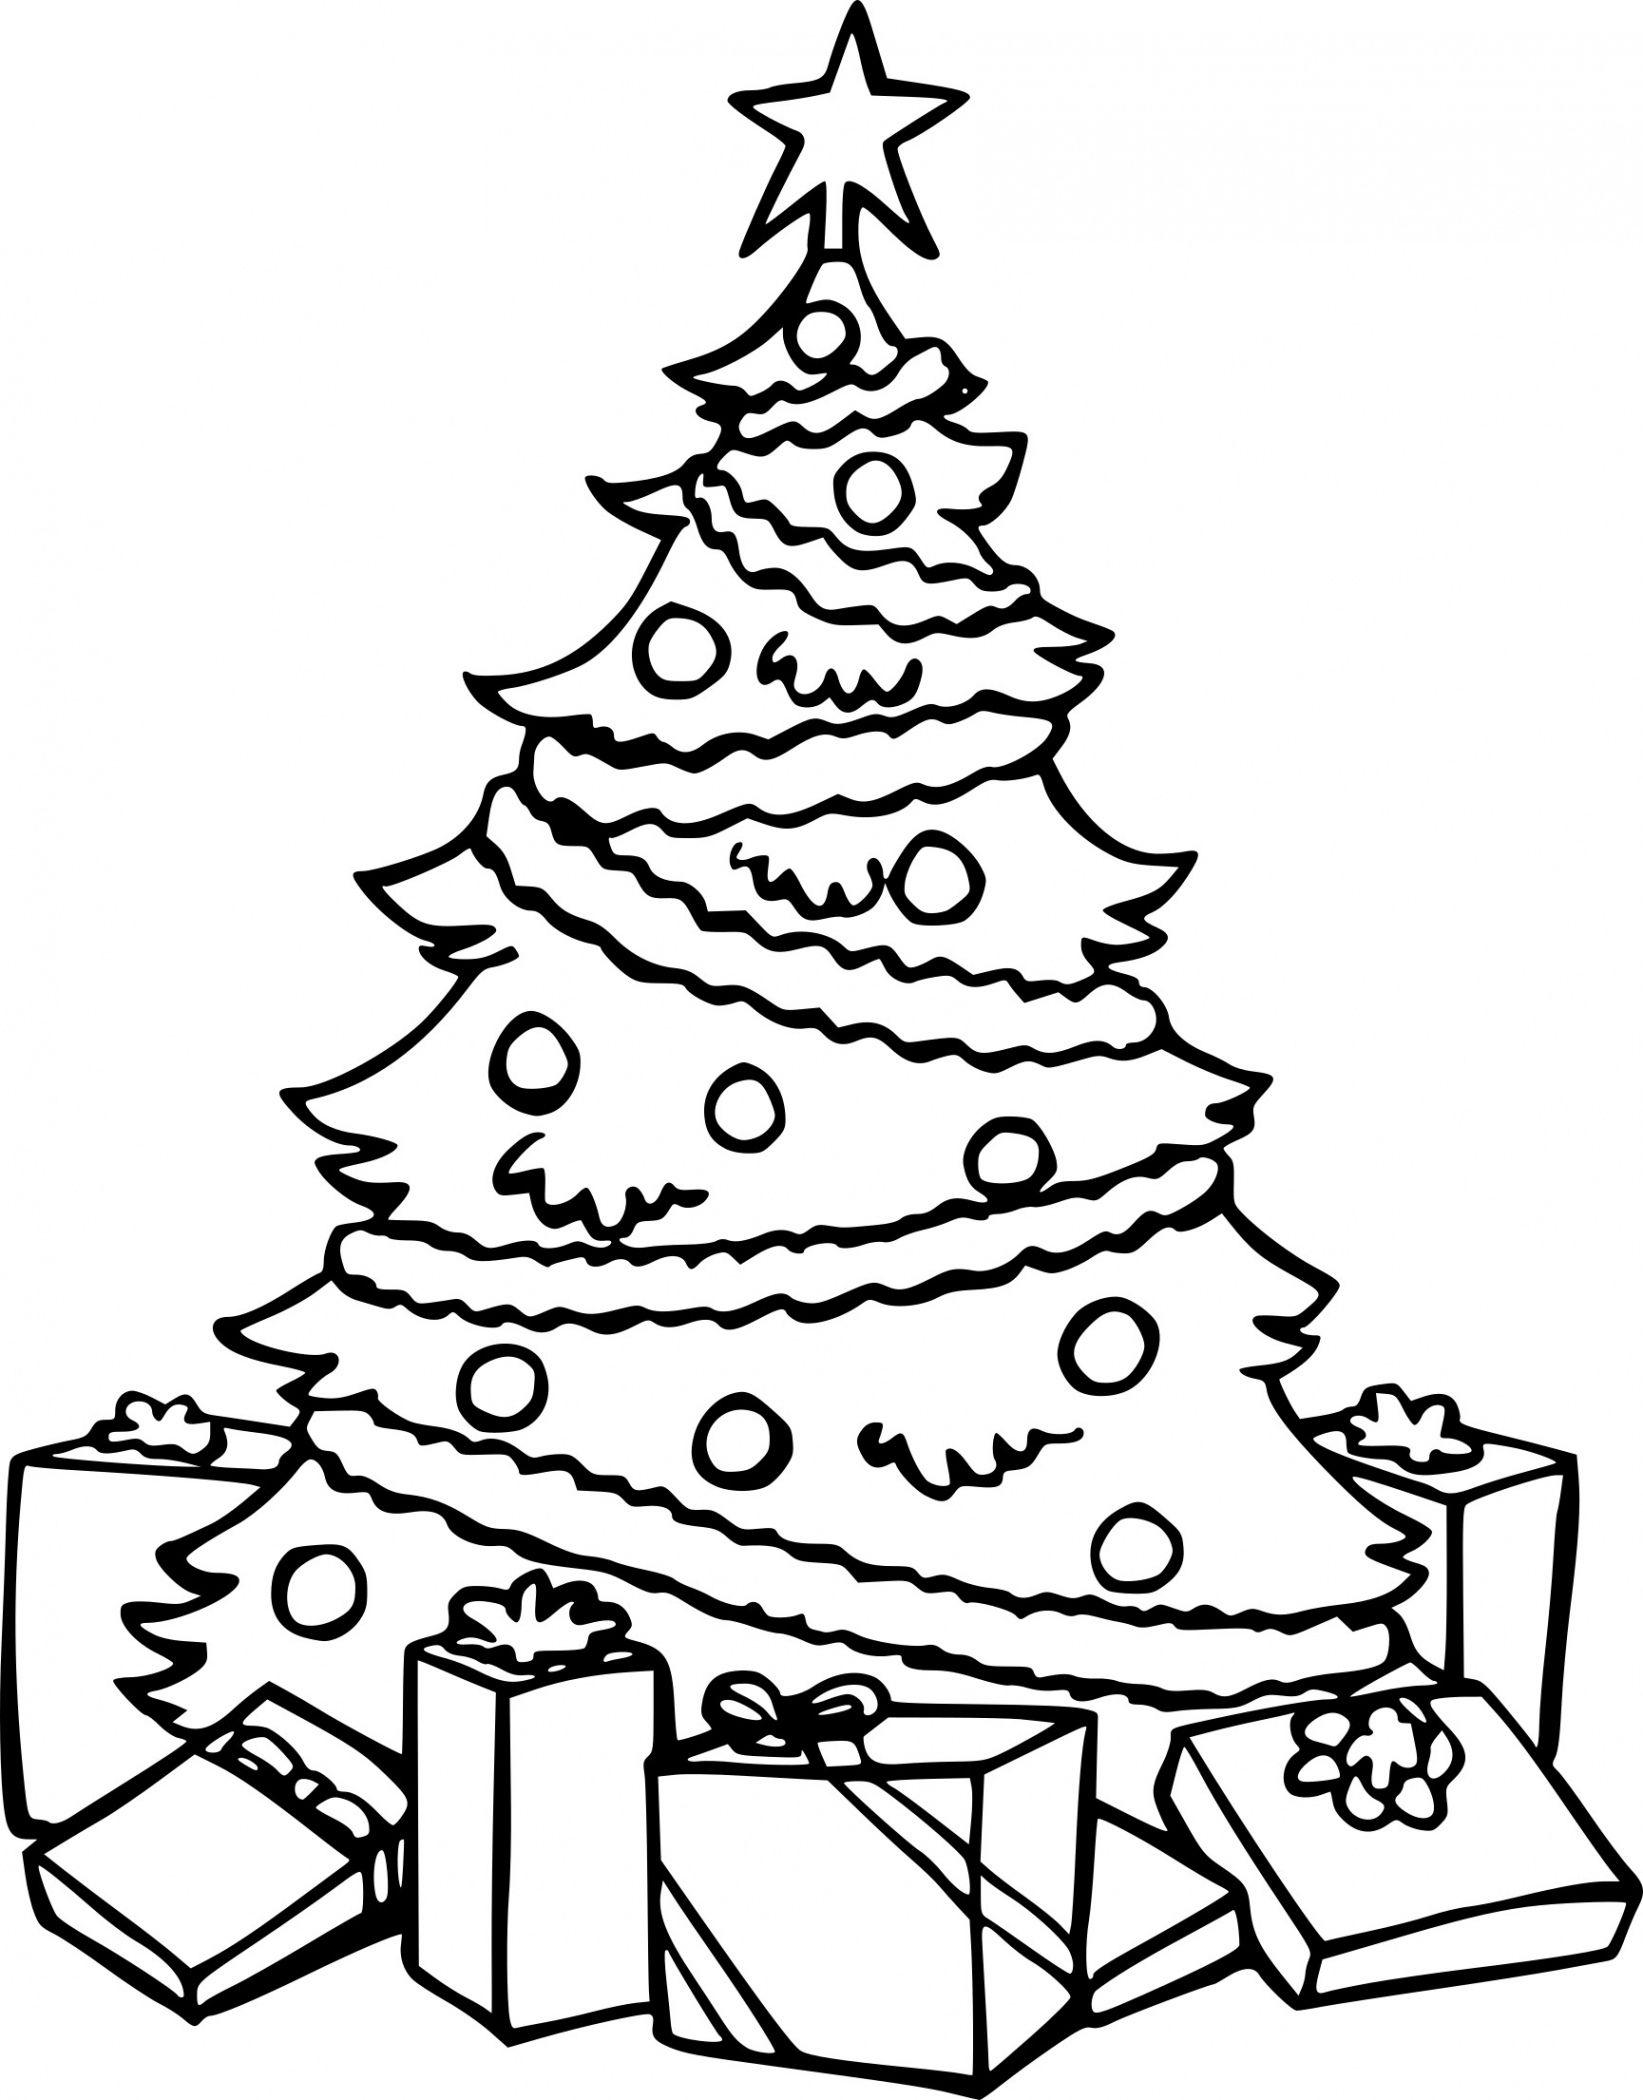 Dessin Sapin De Noel A Imprimer Gratuit Coloriage Sapin De Noel Coloriage Noel Dessin Sapin De Noel